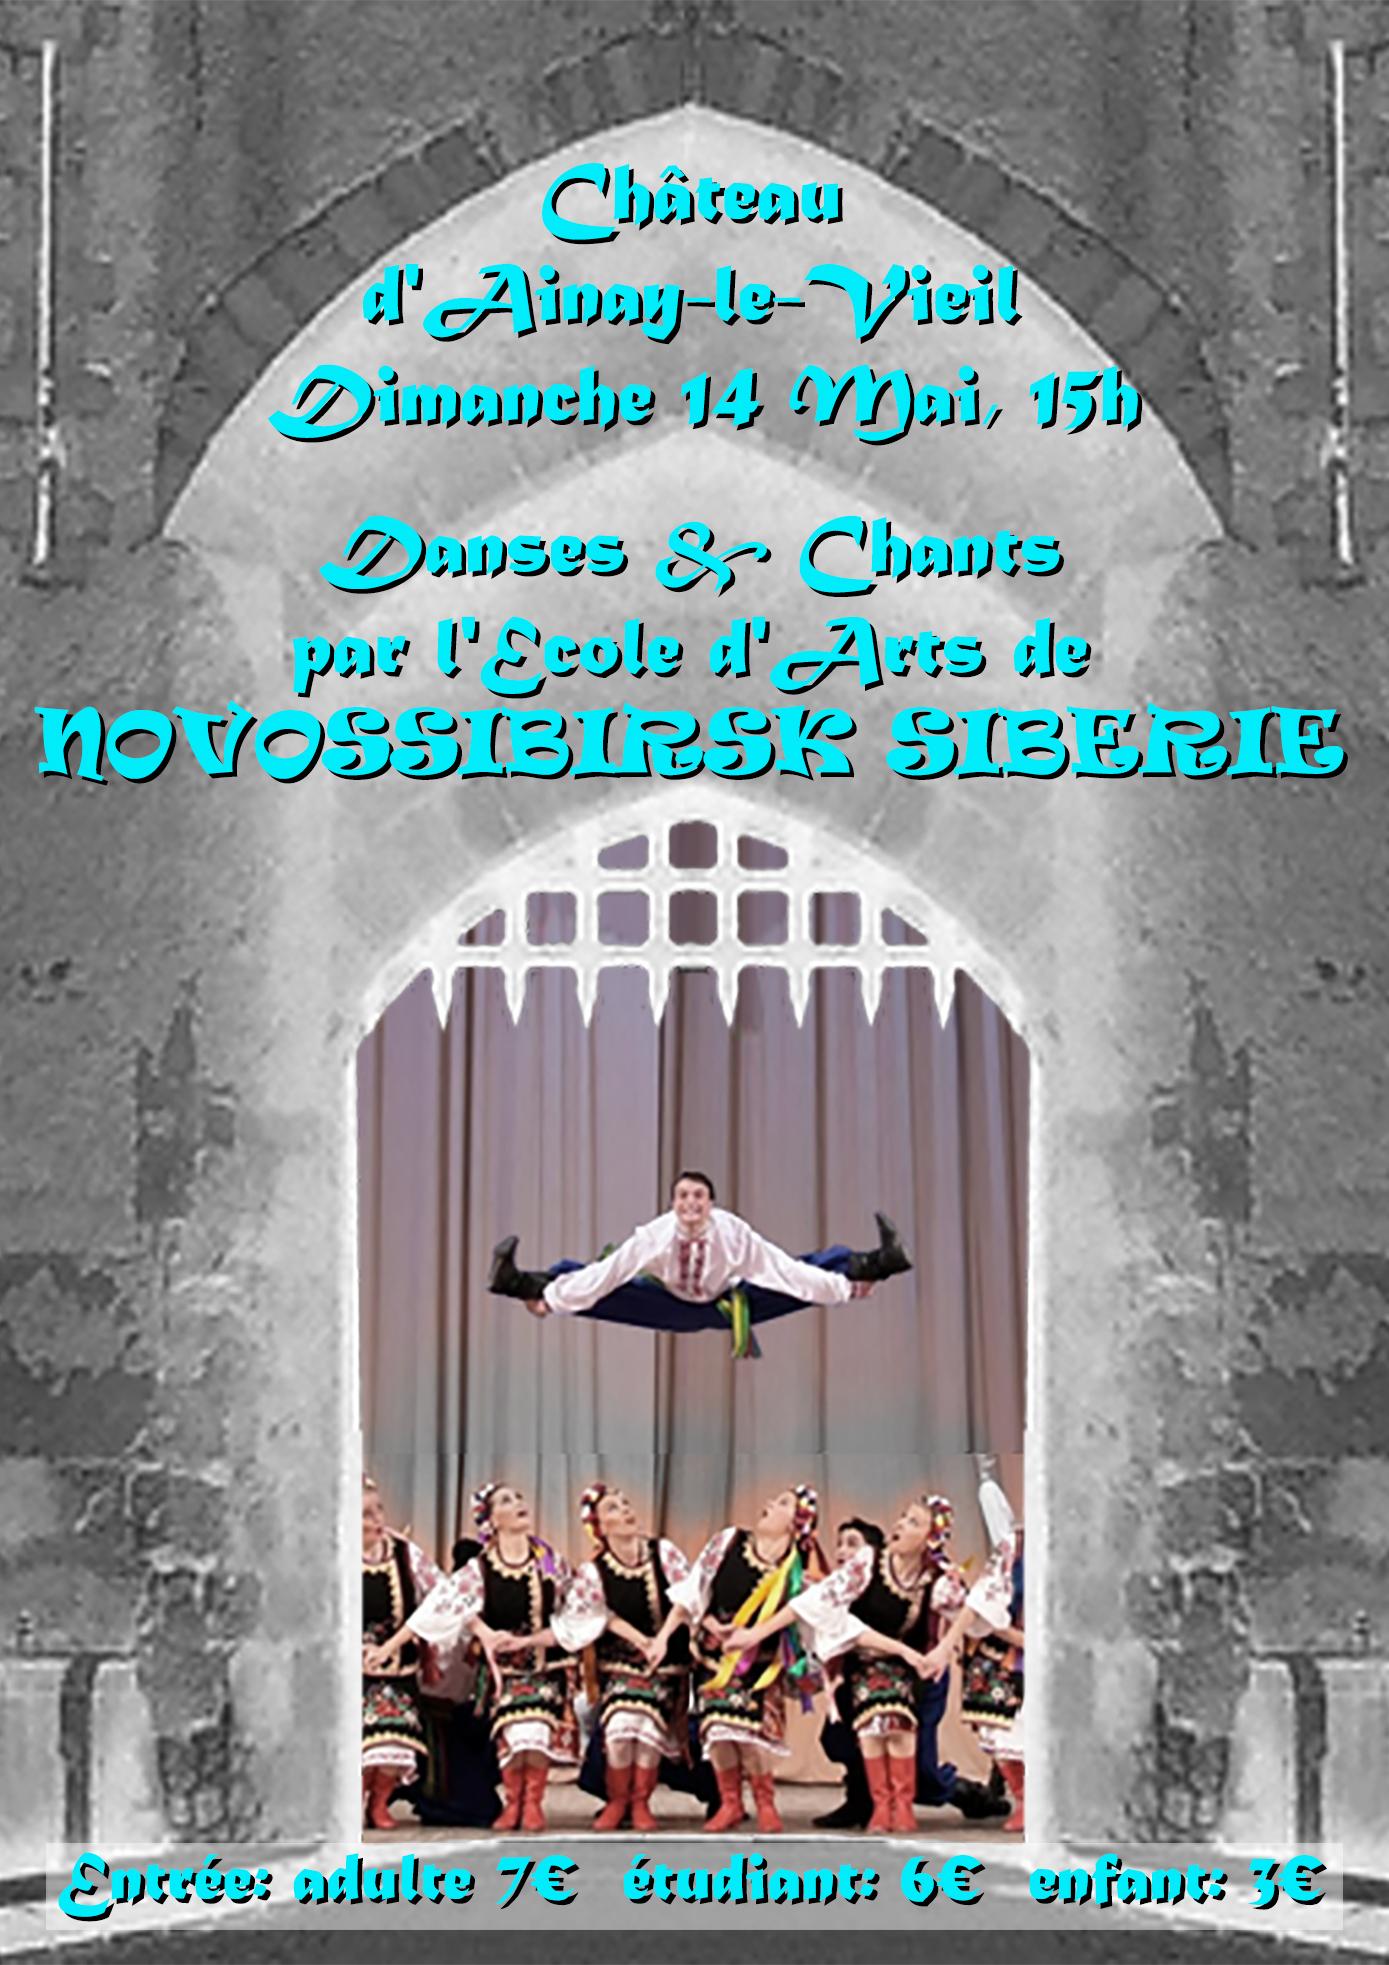 artistes russes : danseurs et chanteurs de l'Ecole d'Arts de NOVOSSIBIRSK SIBERIE